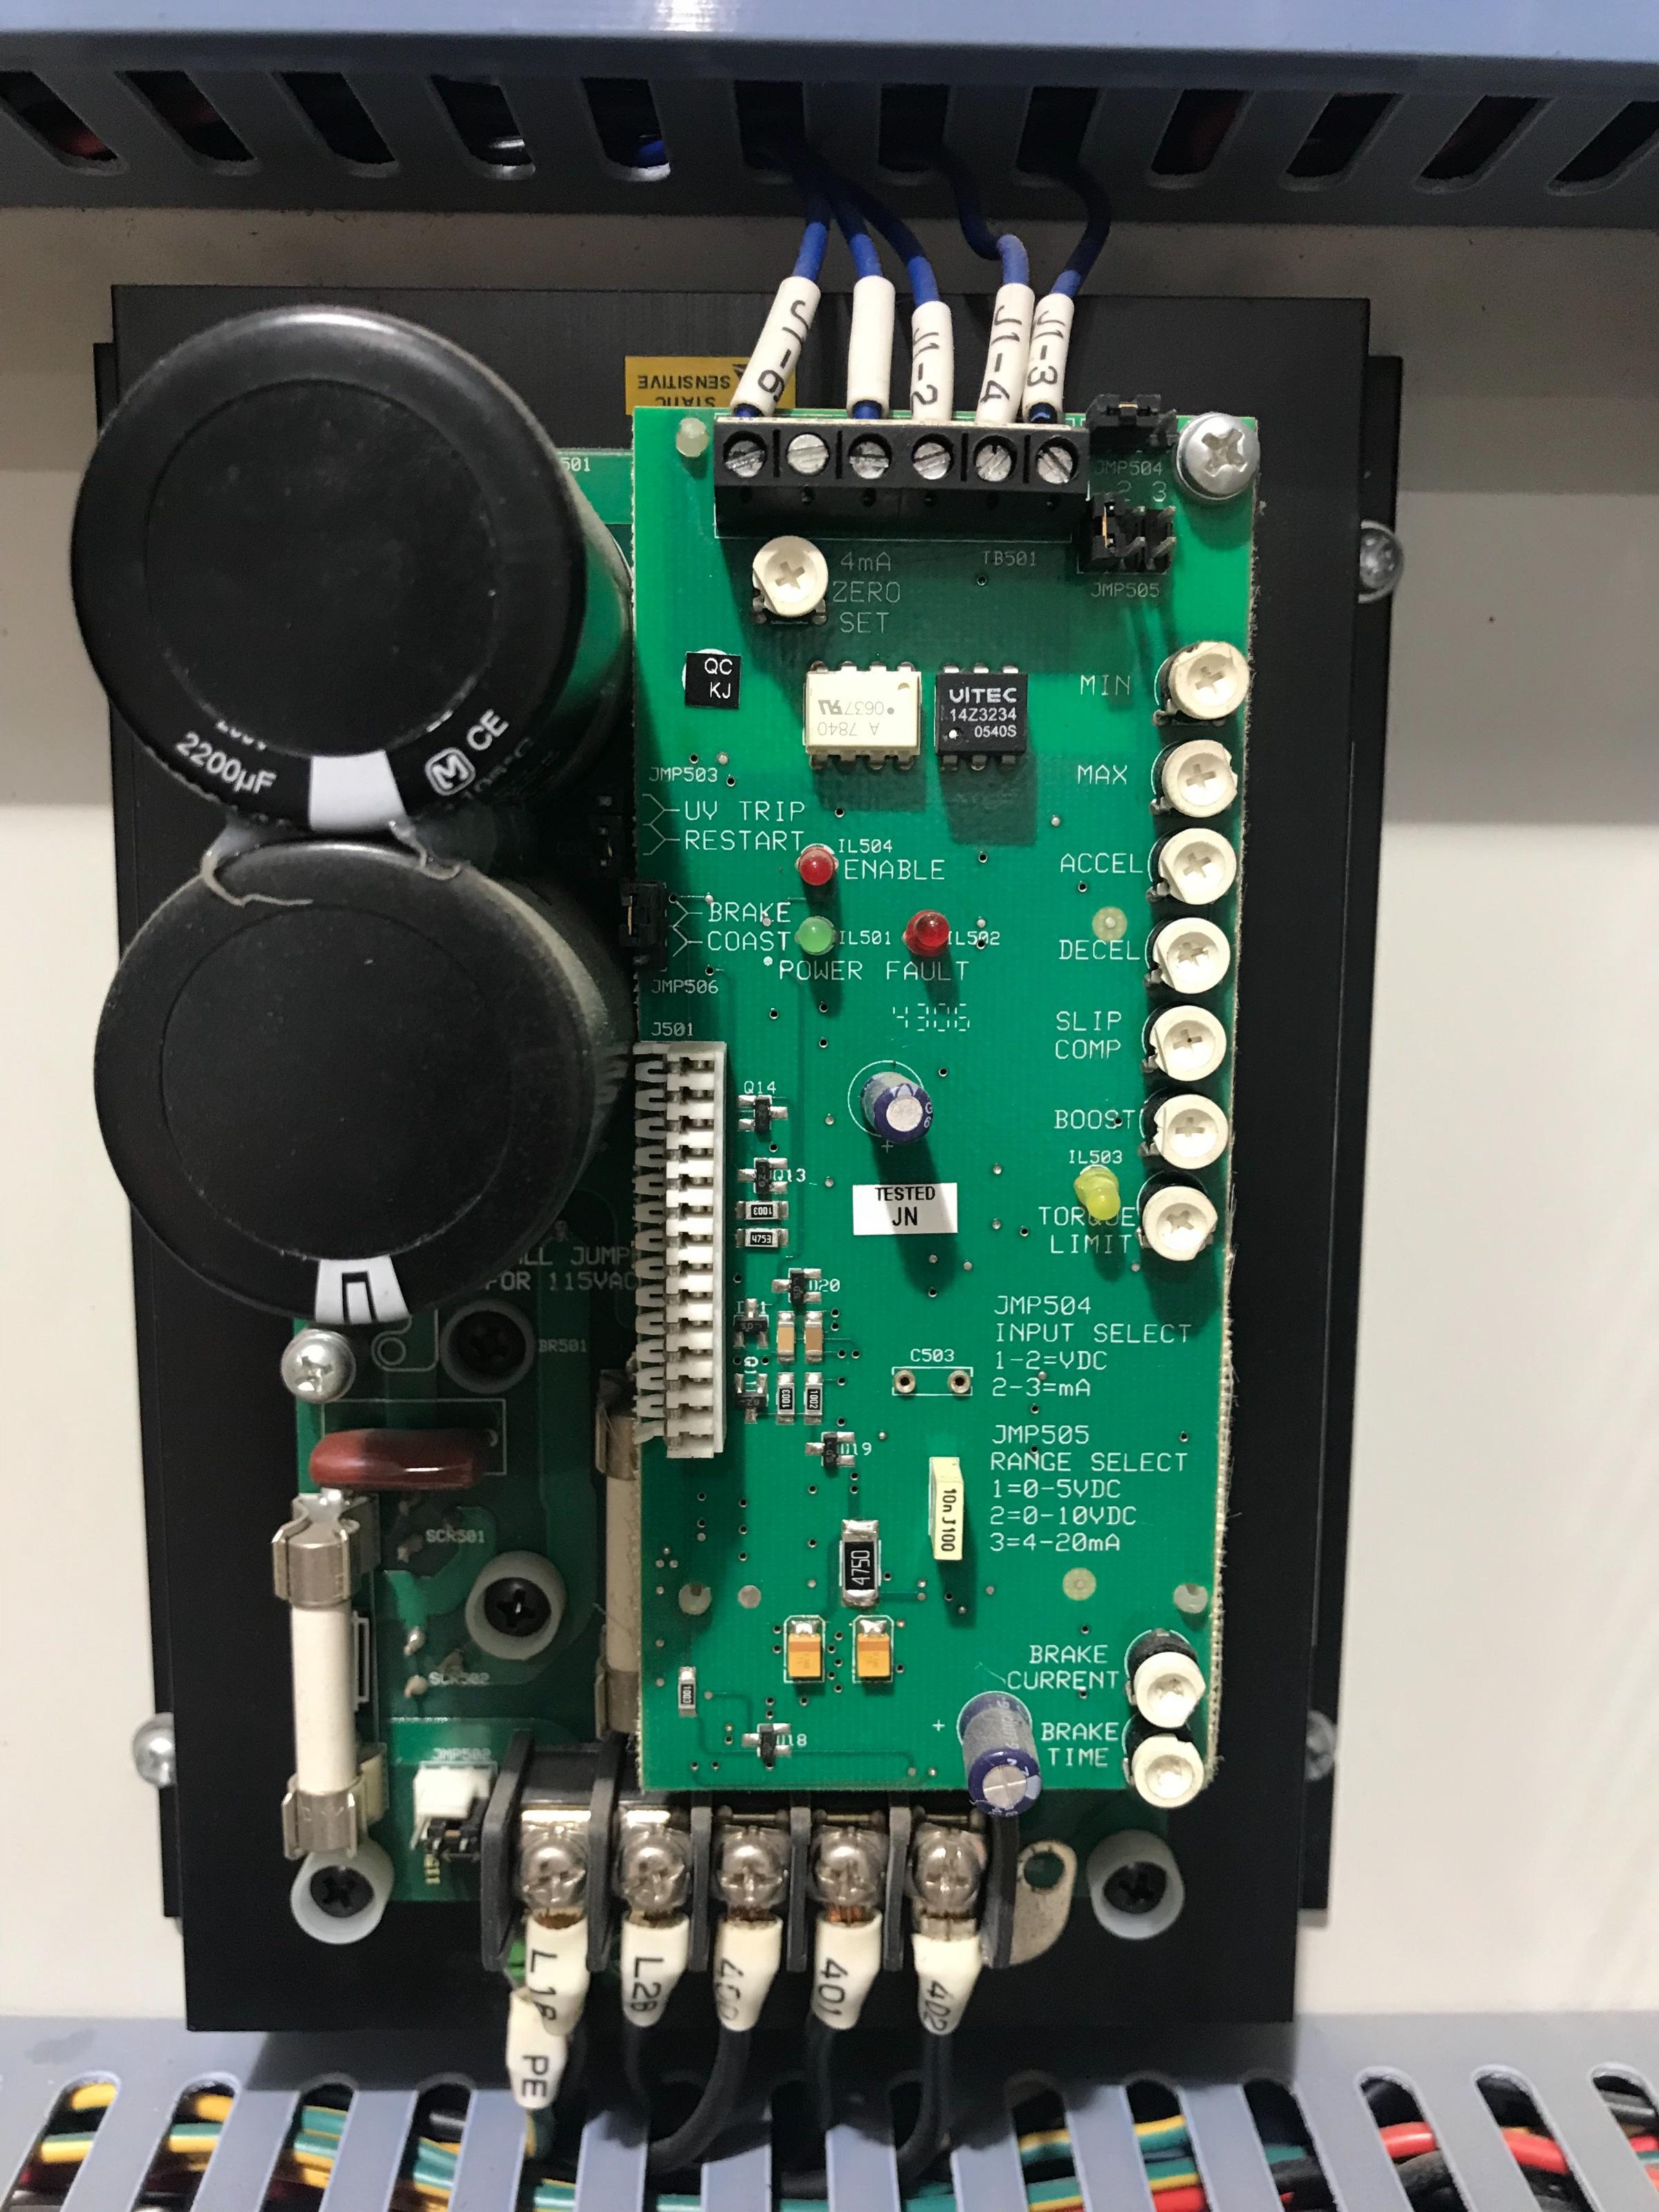 9126D980-E0E0-49ED-86ED-1D7D85791077.jpeg